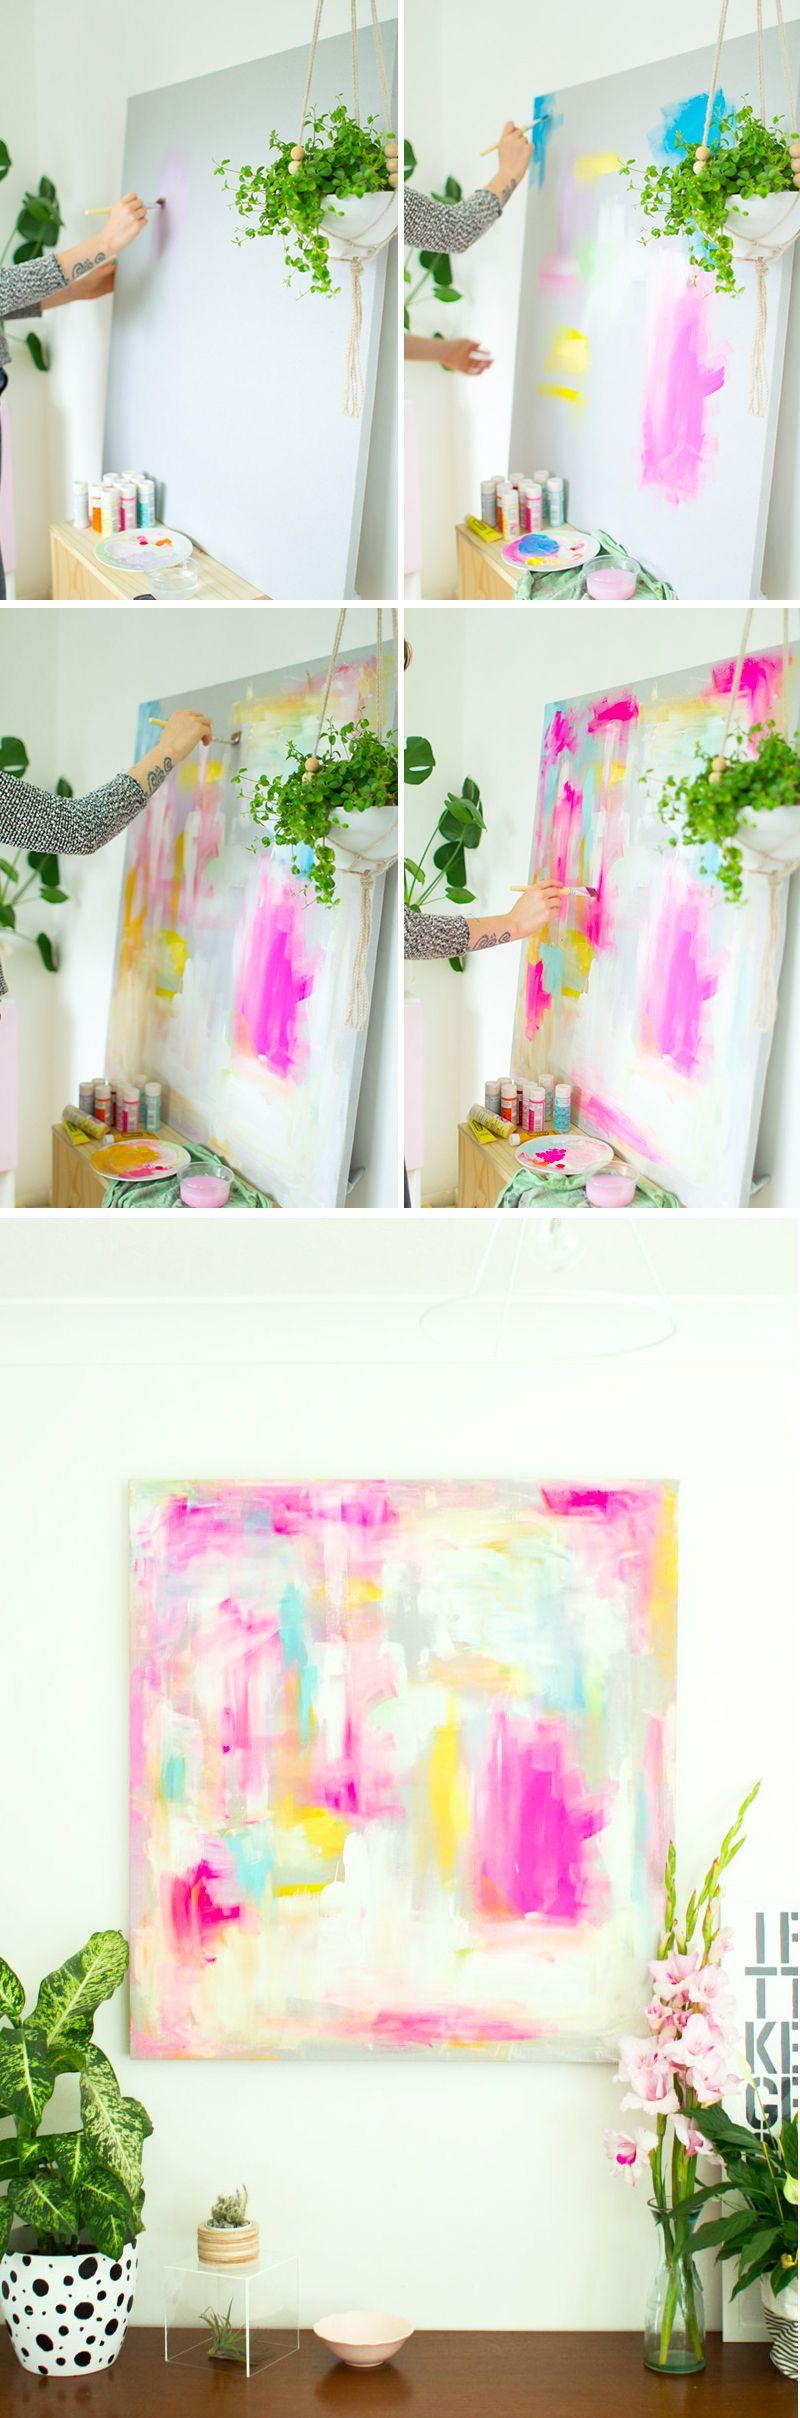 Сделай сам абстрактное искусство — Мебельные хитрости |  Падение для DIY